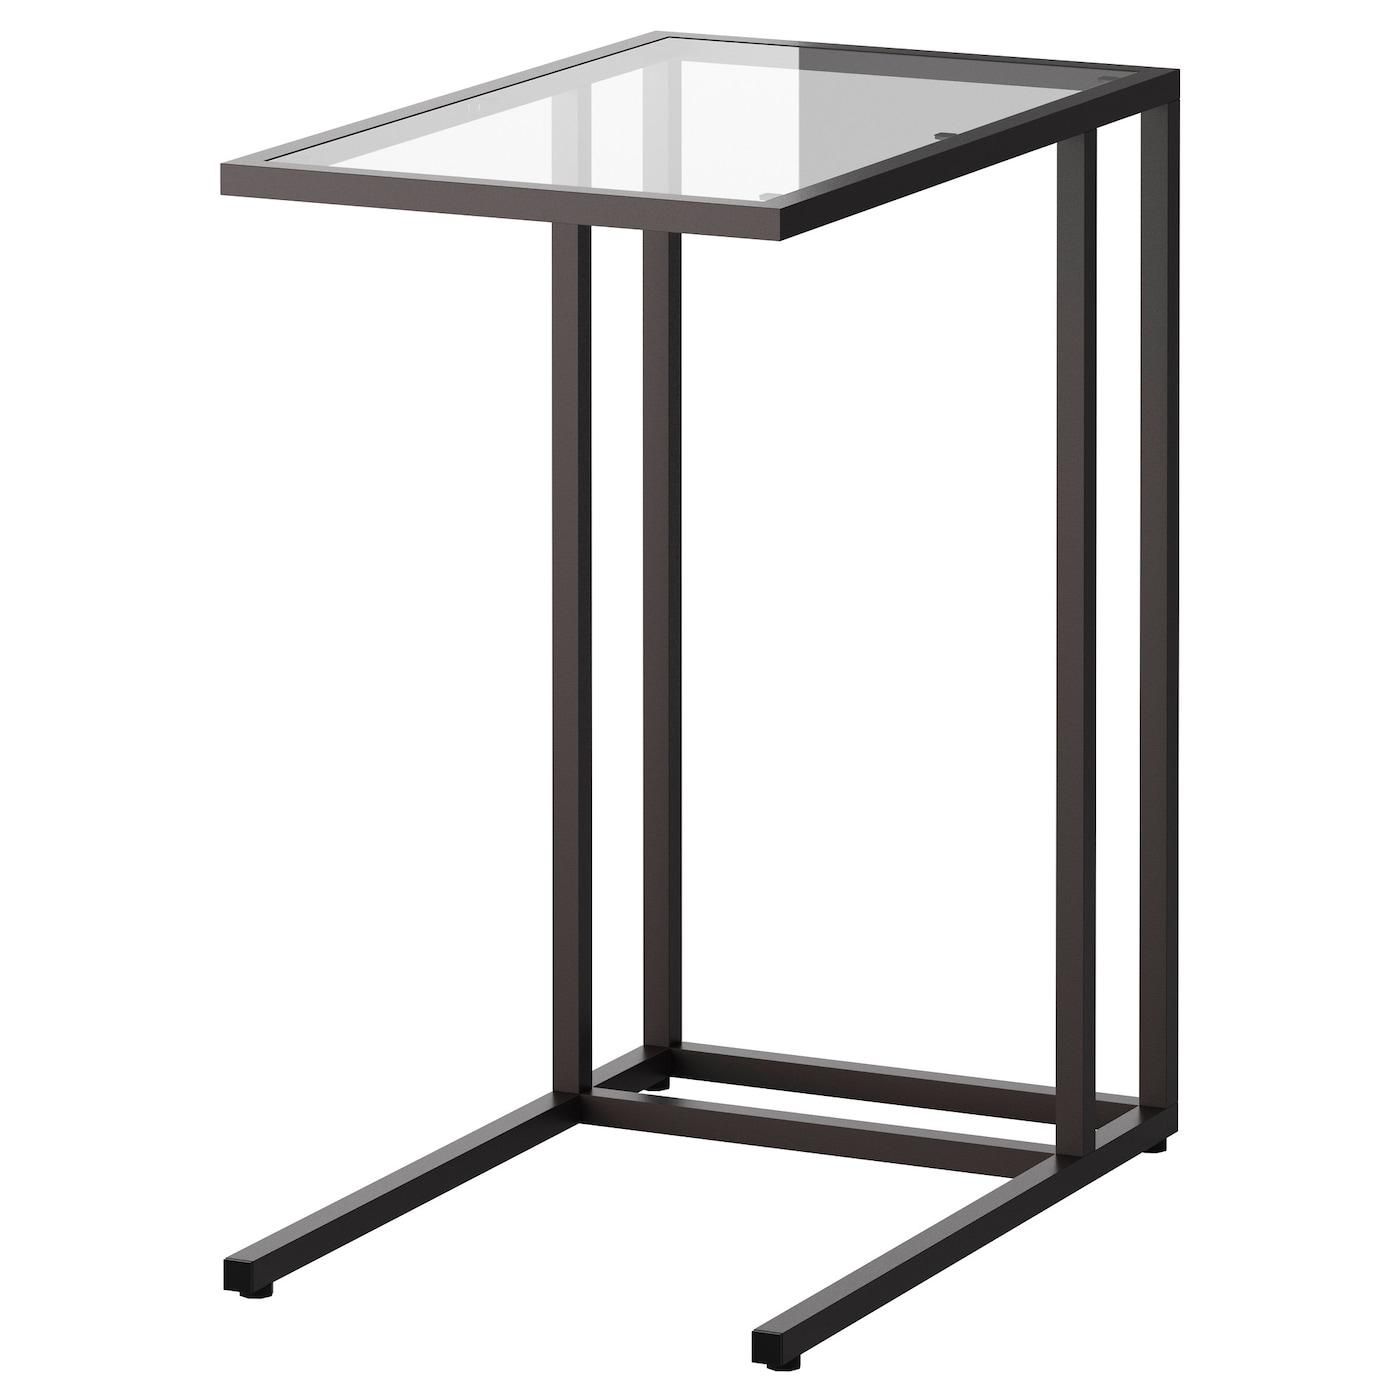 IKEA VITTSJÖ czarnobrązowy stolik na laptopa ze szklanym blatem, 35x65 cm